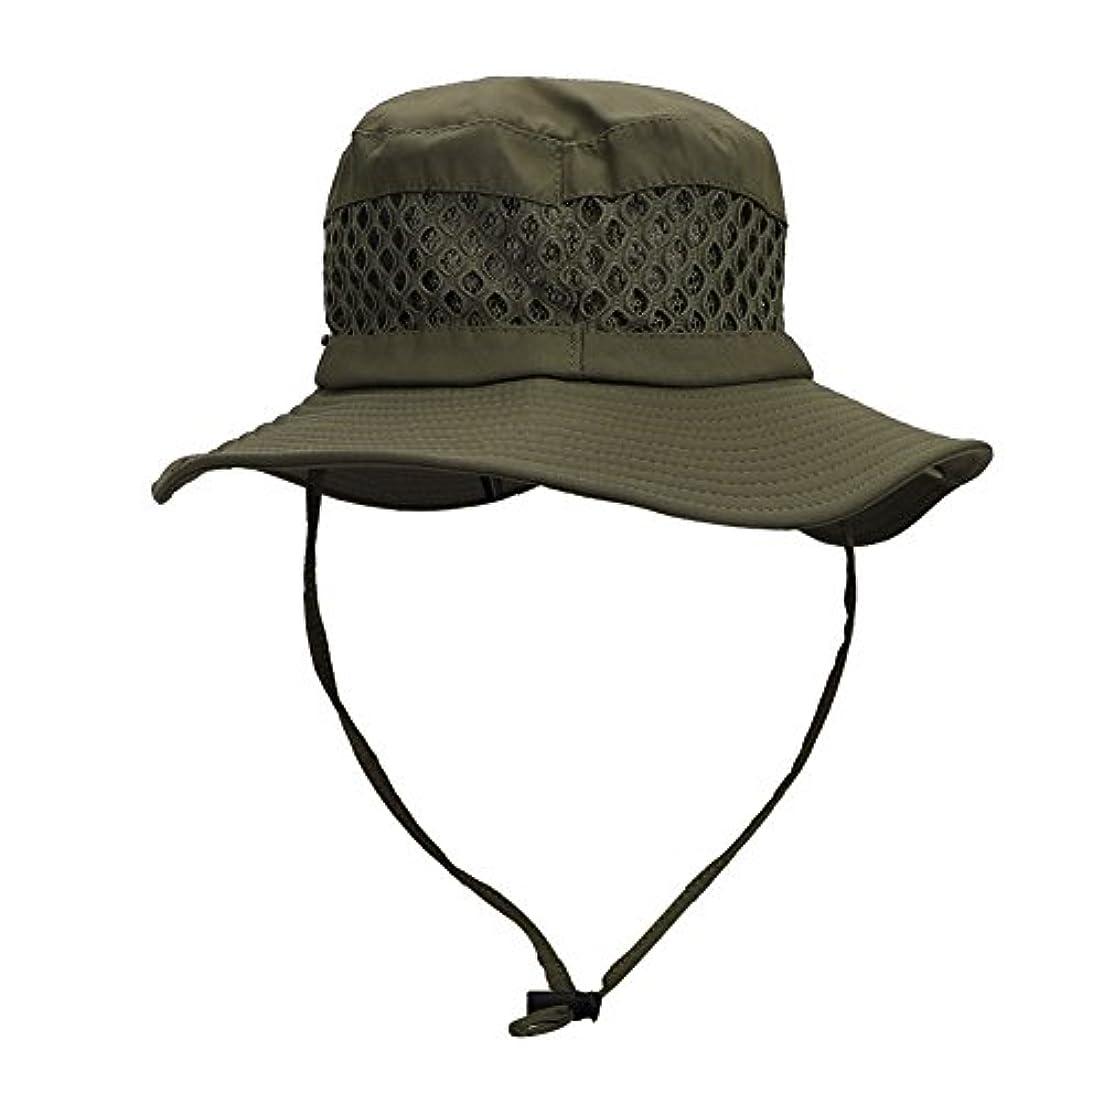 間隔ストレンジャードナーUVカット帽子 日除け帽子 サーフハット メンズ レディース 紫外線対策 日焼け防止 メッシュ 通気性がいい 漁師キャップ フィッシングハット 農作業帽子 ガーデニング 登山 アウトドア 春夏 サイズ調節可